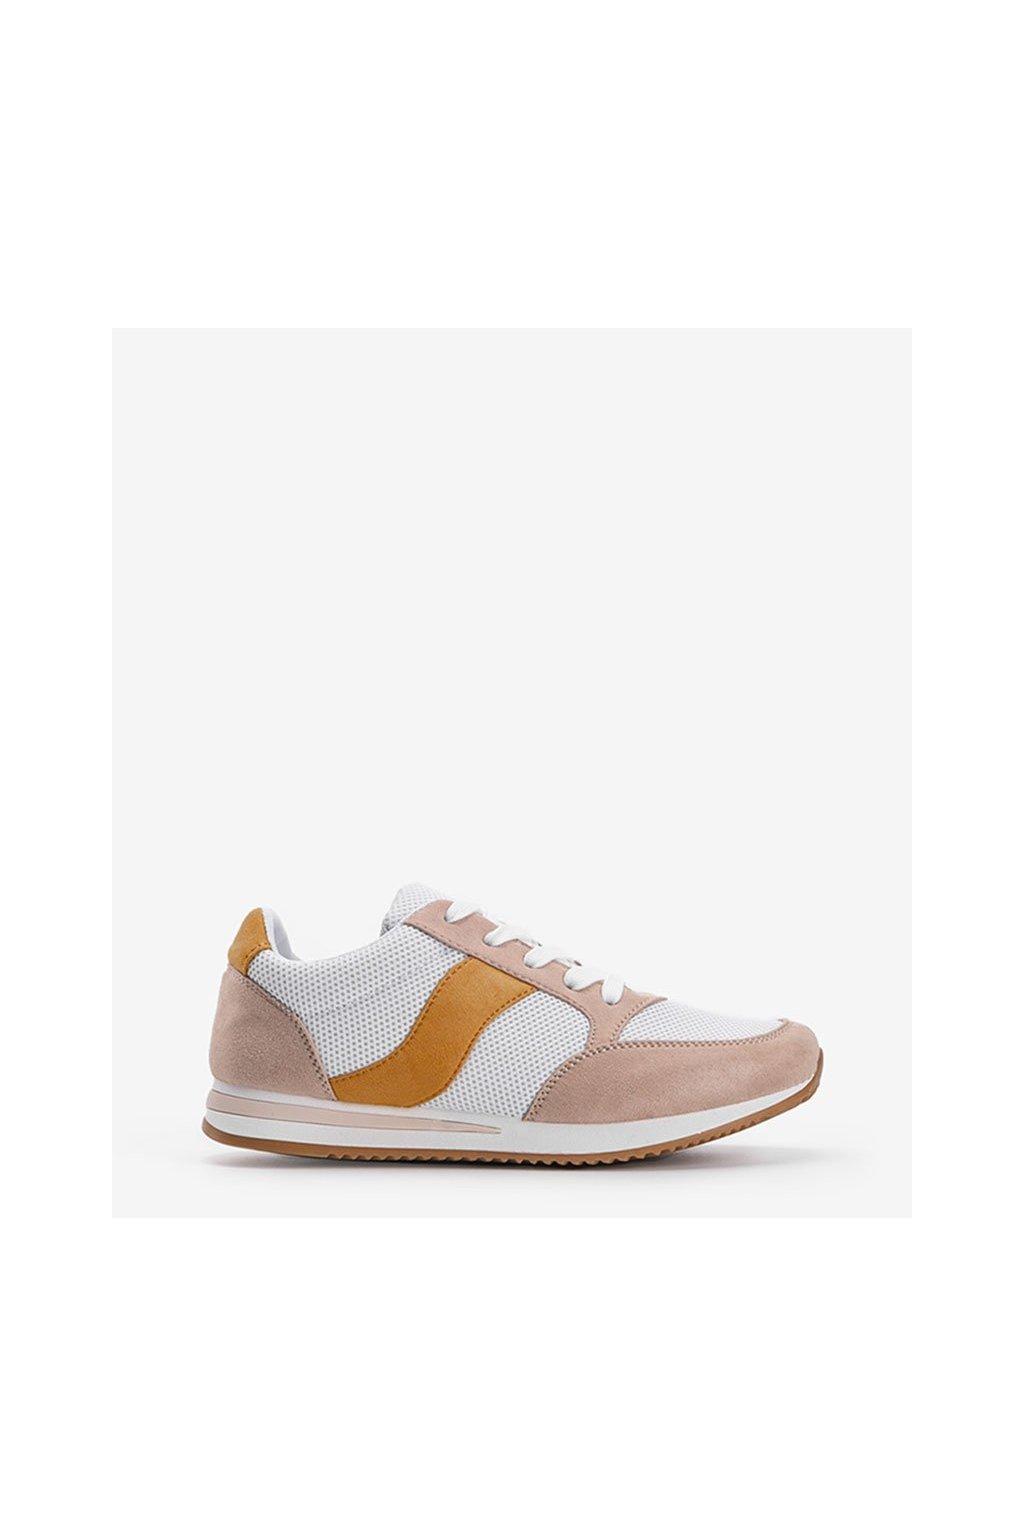 Dámske topánky tenisky hnedé kód SC26F - GM